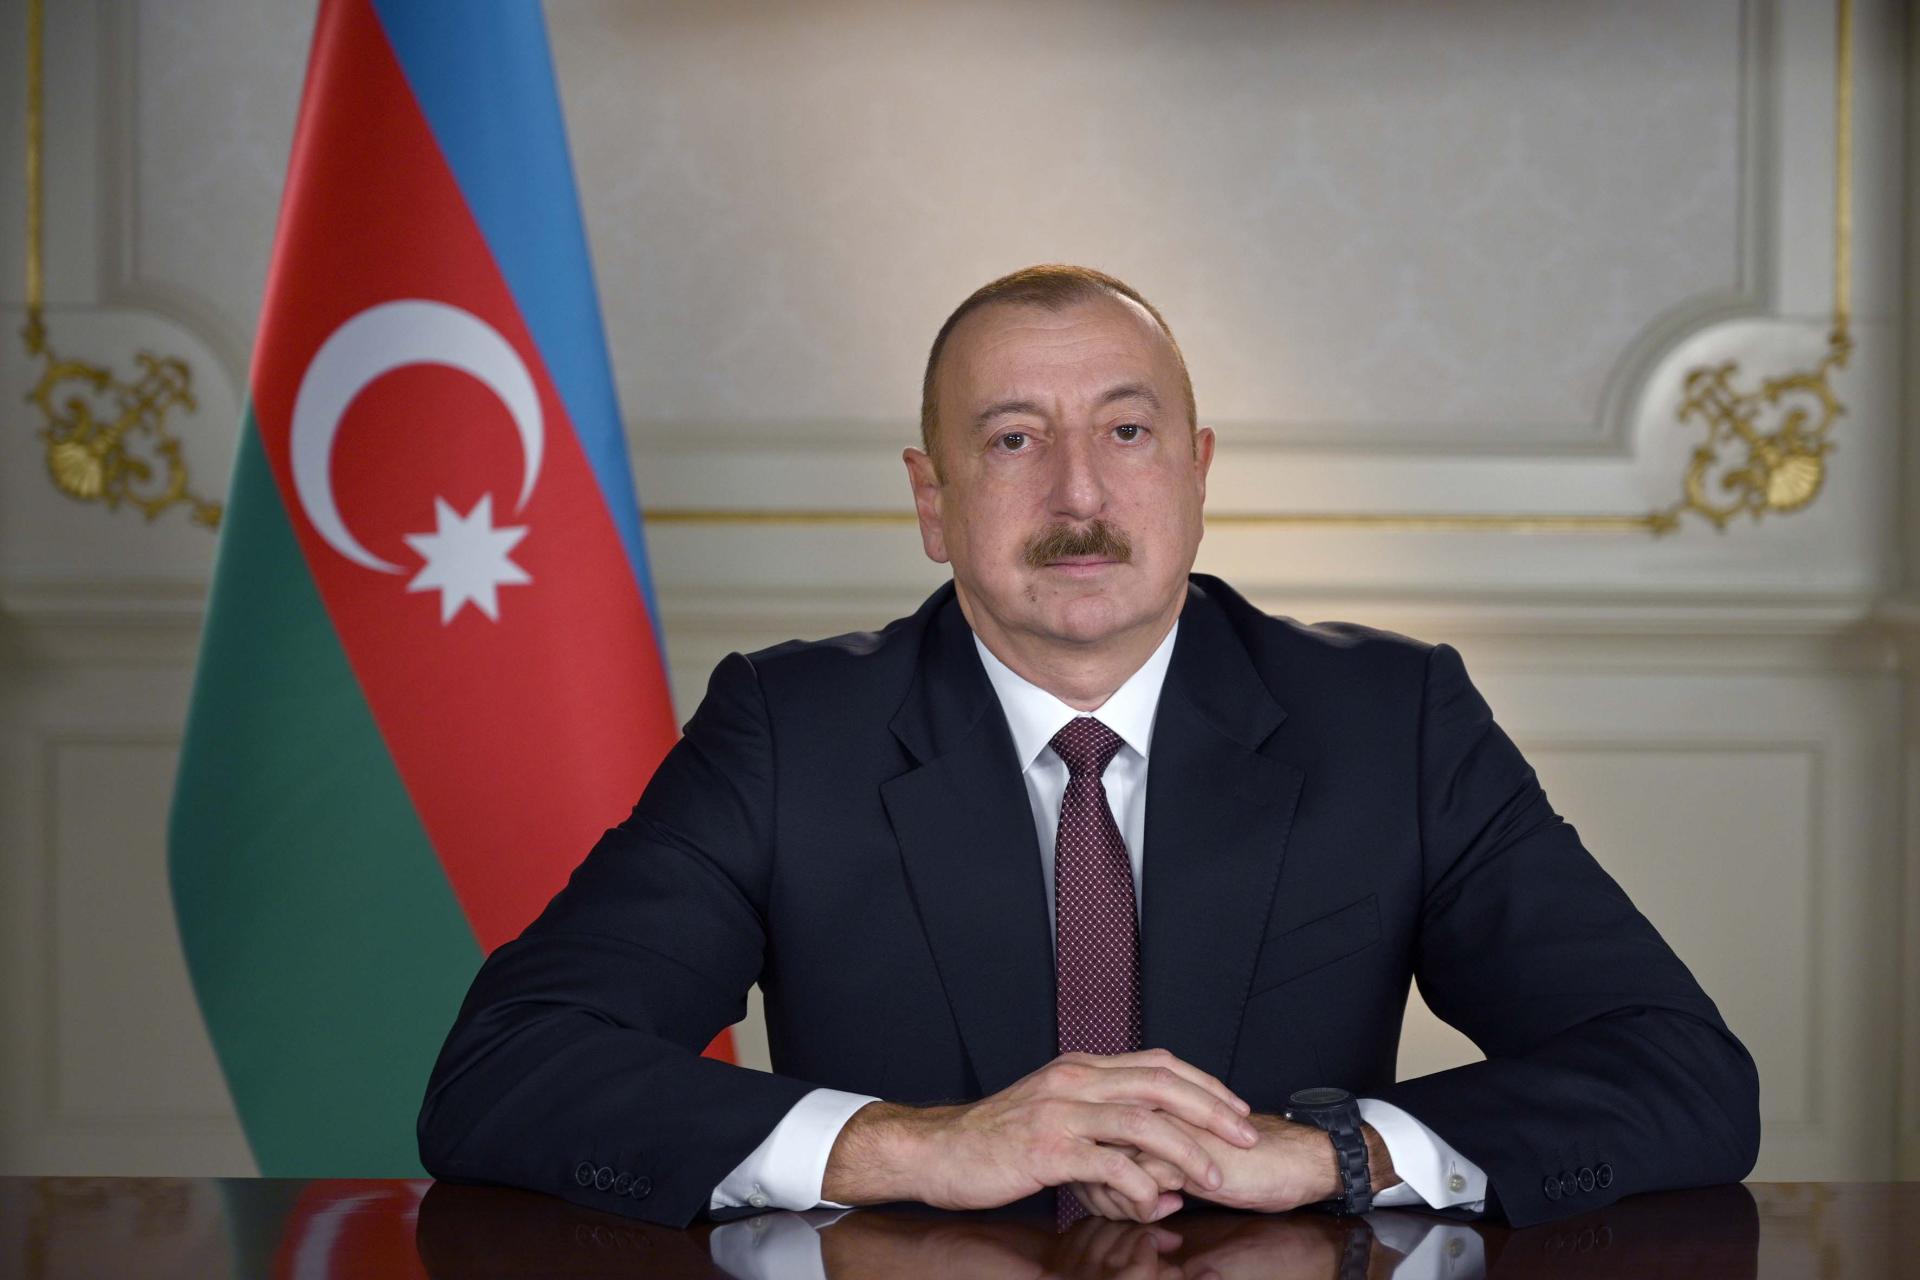 Azərbaycan Respublikası Prezidentinin 05 mart 2021-ci il tarixli Sərəncamı